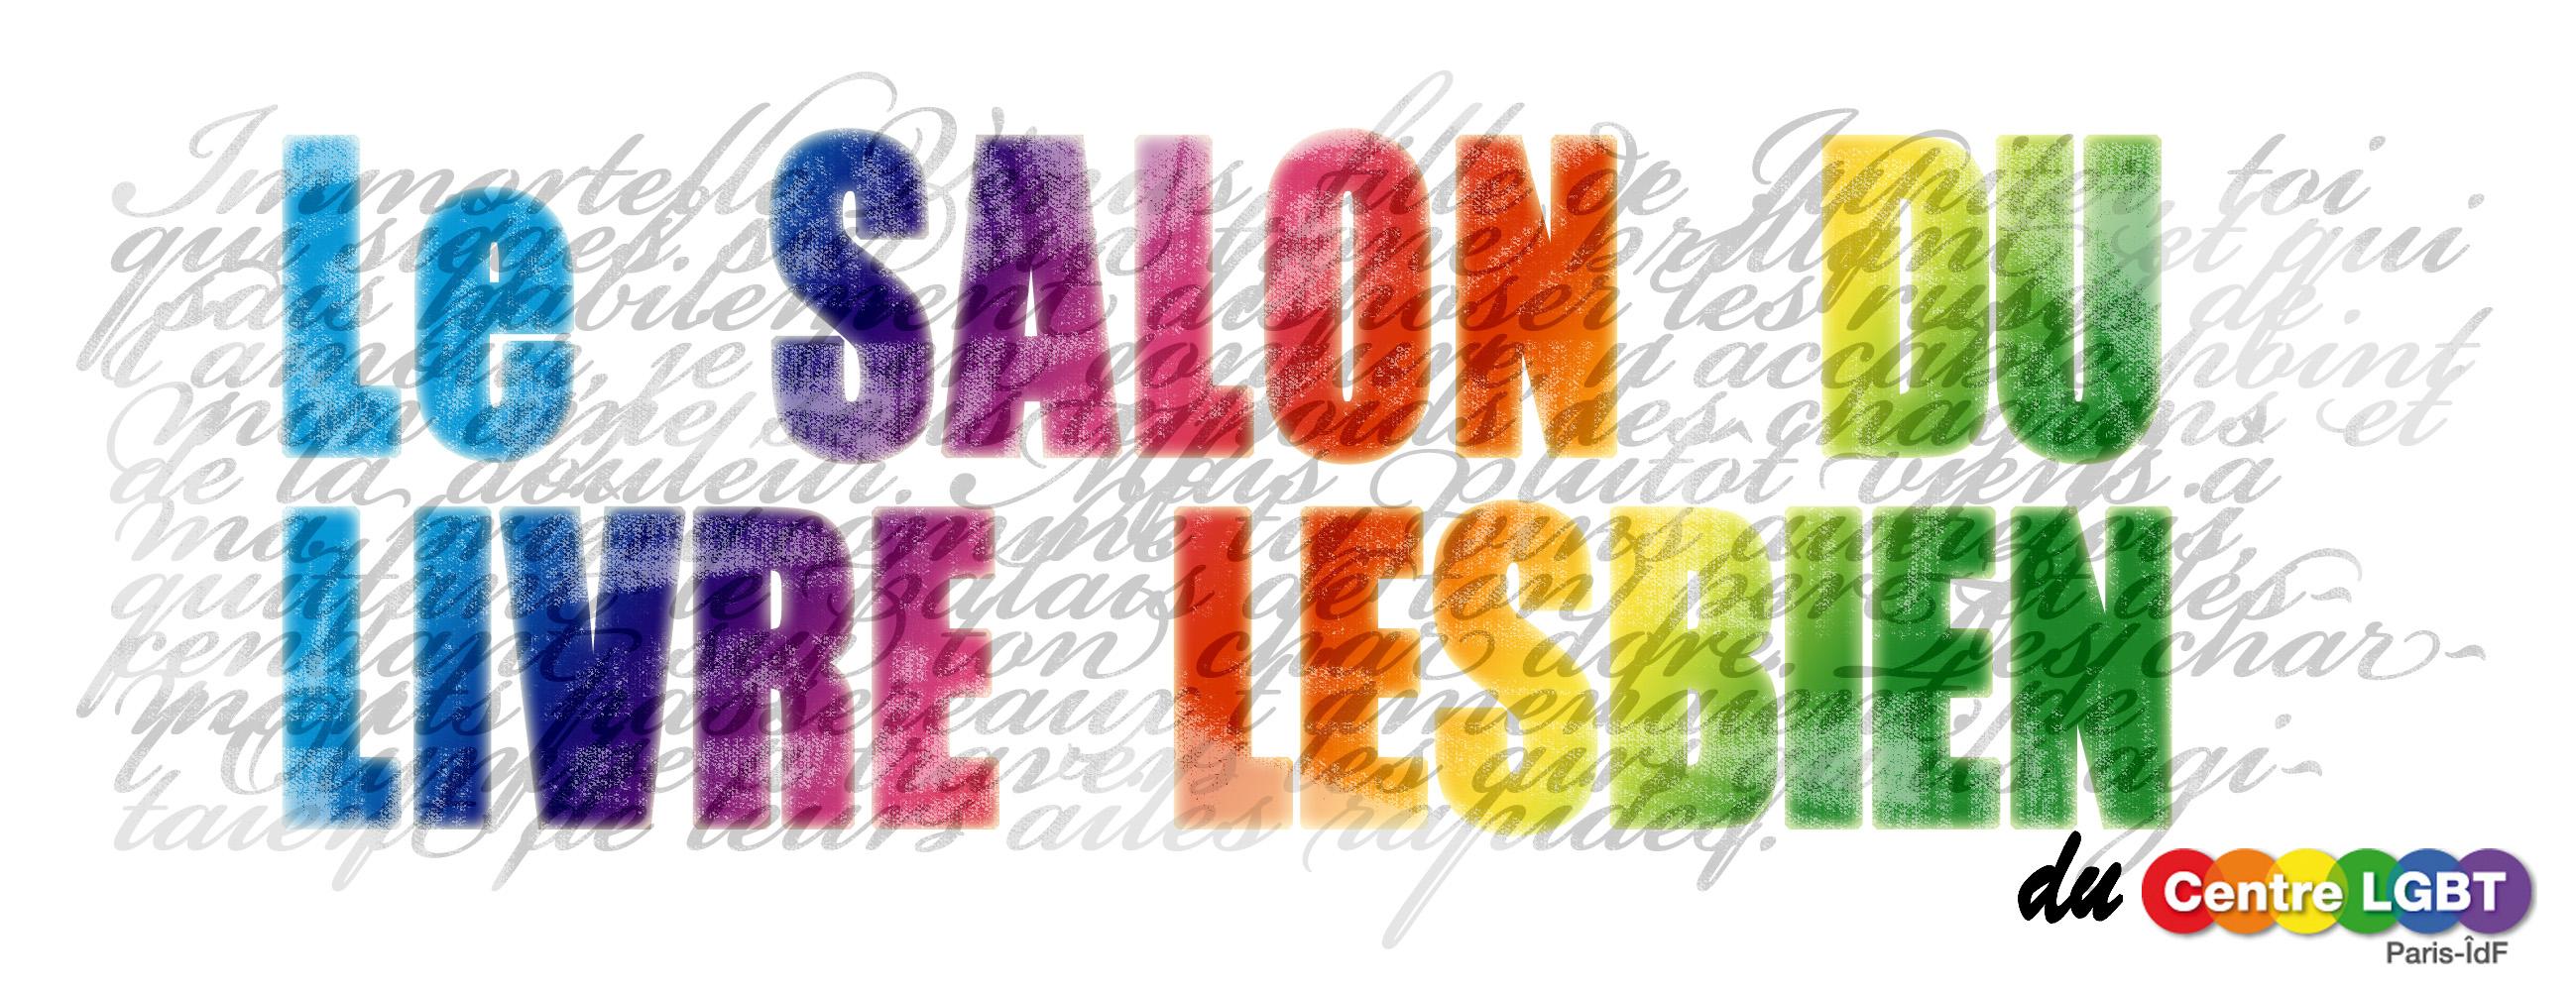 Salon du livre lesbien - Le salon du livre paris ...